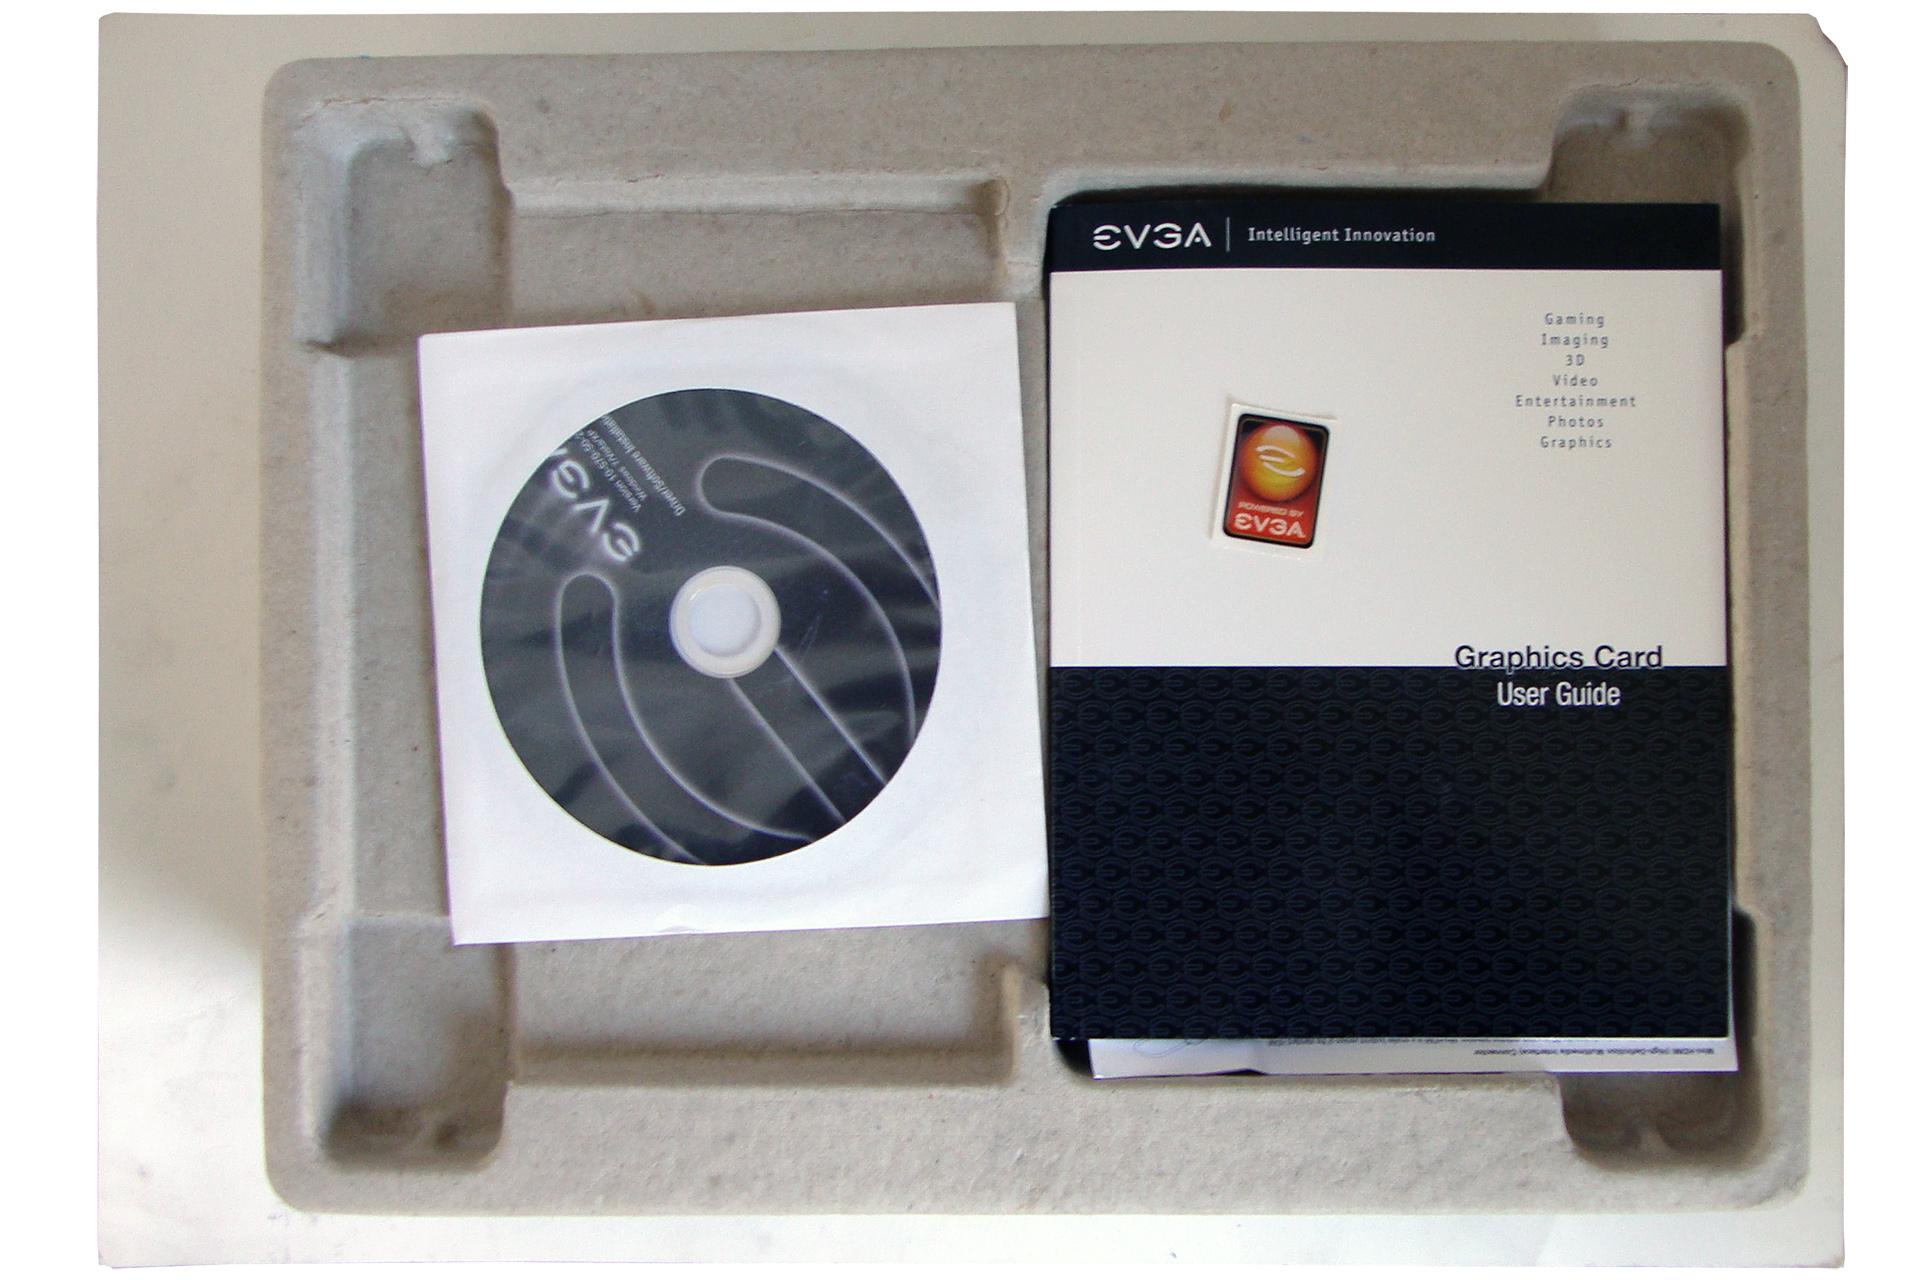 EVGA GeForce GTX 570 review   Page 2   HWlab